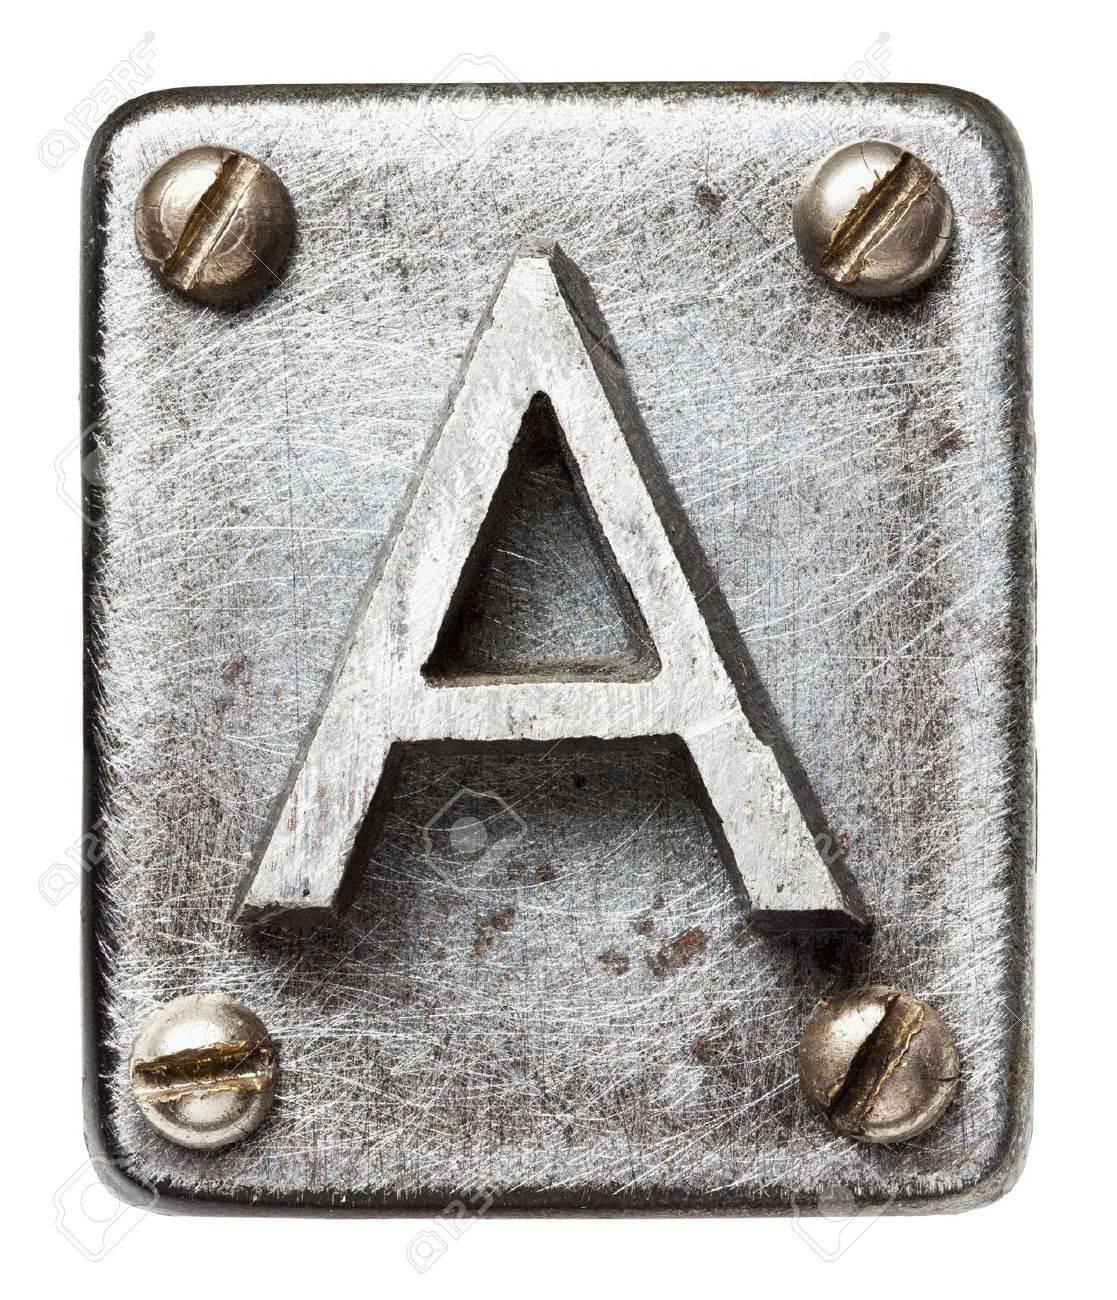 http://previews.123rf.com/images/donatas1205/donatas12051302/donatas1205130200007/17803227-Old-metal-alphabet-letter-A-Stock-Photo.jpg